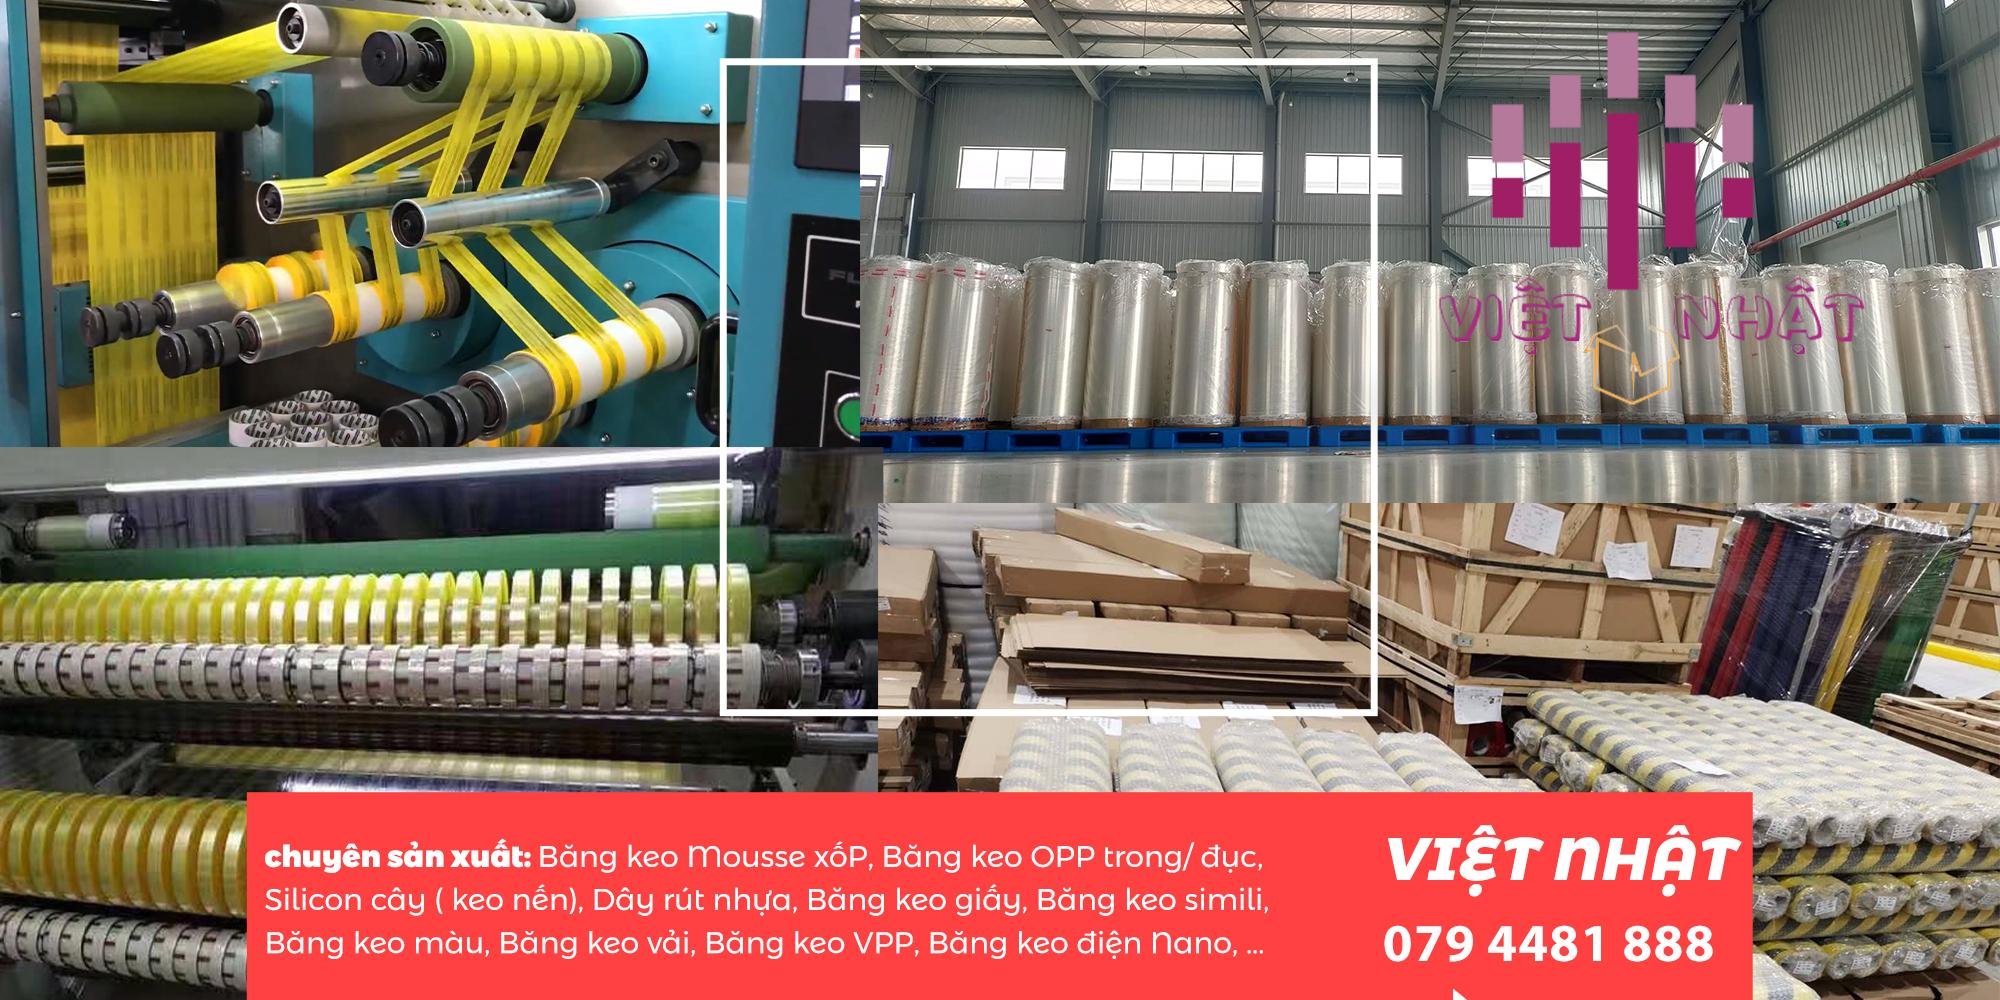 Công ty băng keo việt nhậtlà nhà sản xuất và kinh doanh các loại băng dính, máy móc thiết bị chuyên cho sản xuất băng dính và các loại keo dán phục vụ cho các nghành công nghiệp giầy dép, gỗ, giấy, xây dựng và đặc biệt là nhà cung cấp các loại keo dán phục vụ cho cán tráng màng BOPP để sản xuất băng dính.